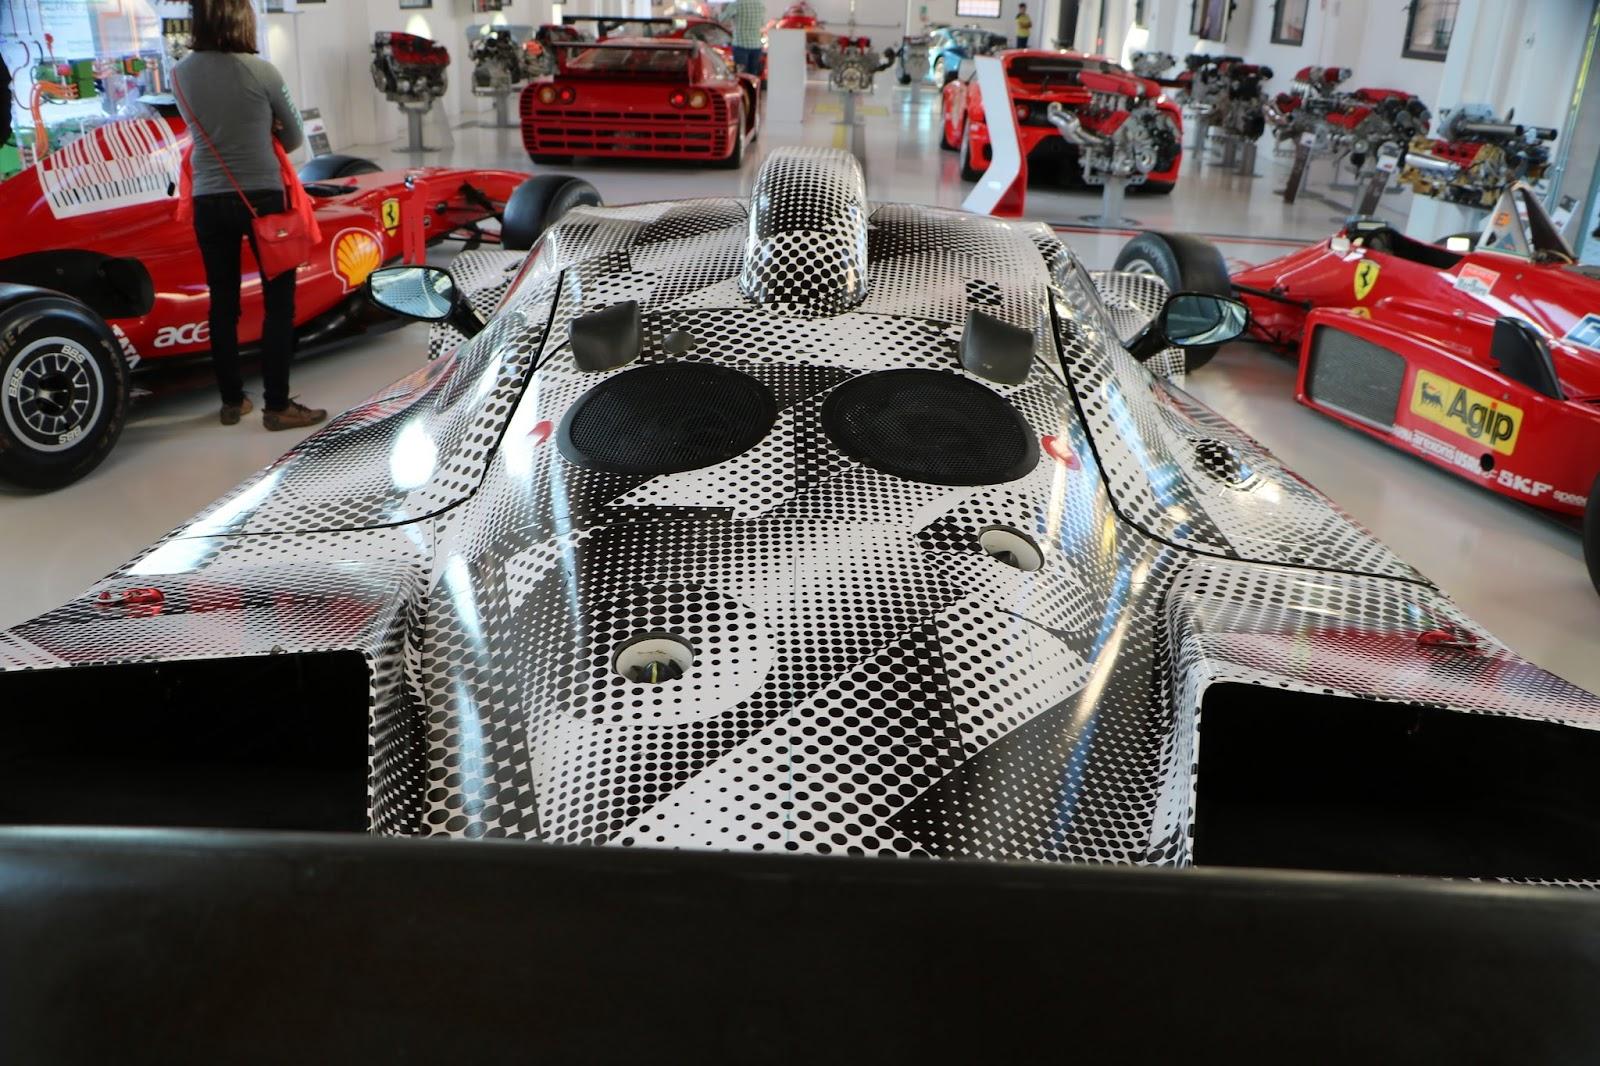 Modena - Enzo Museum 0258 - 2013 Ferrari F150 Laboratorio.jpg